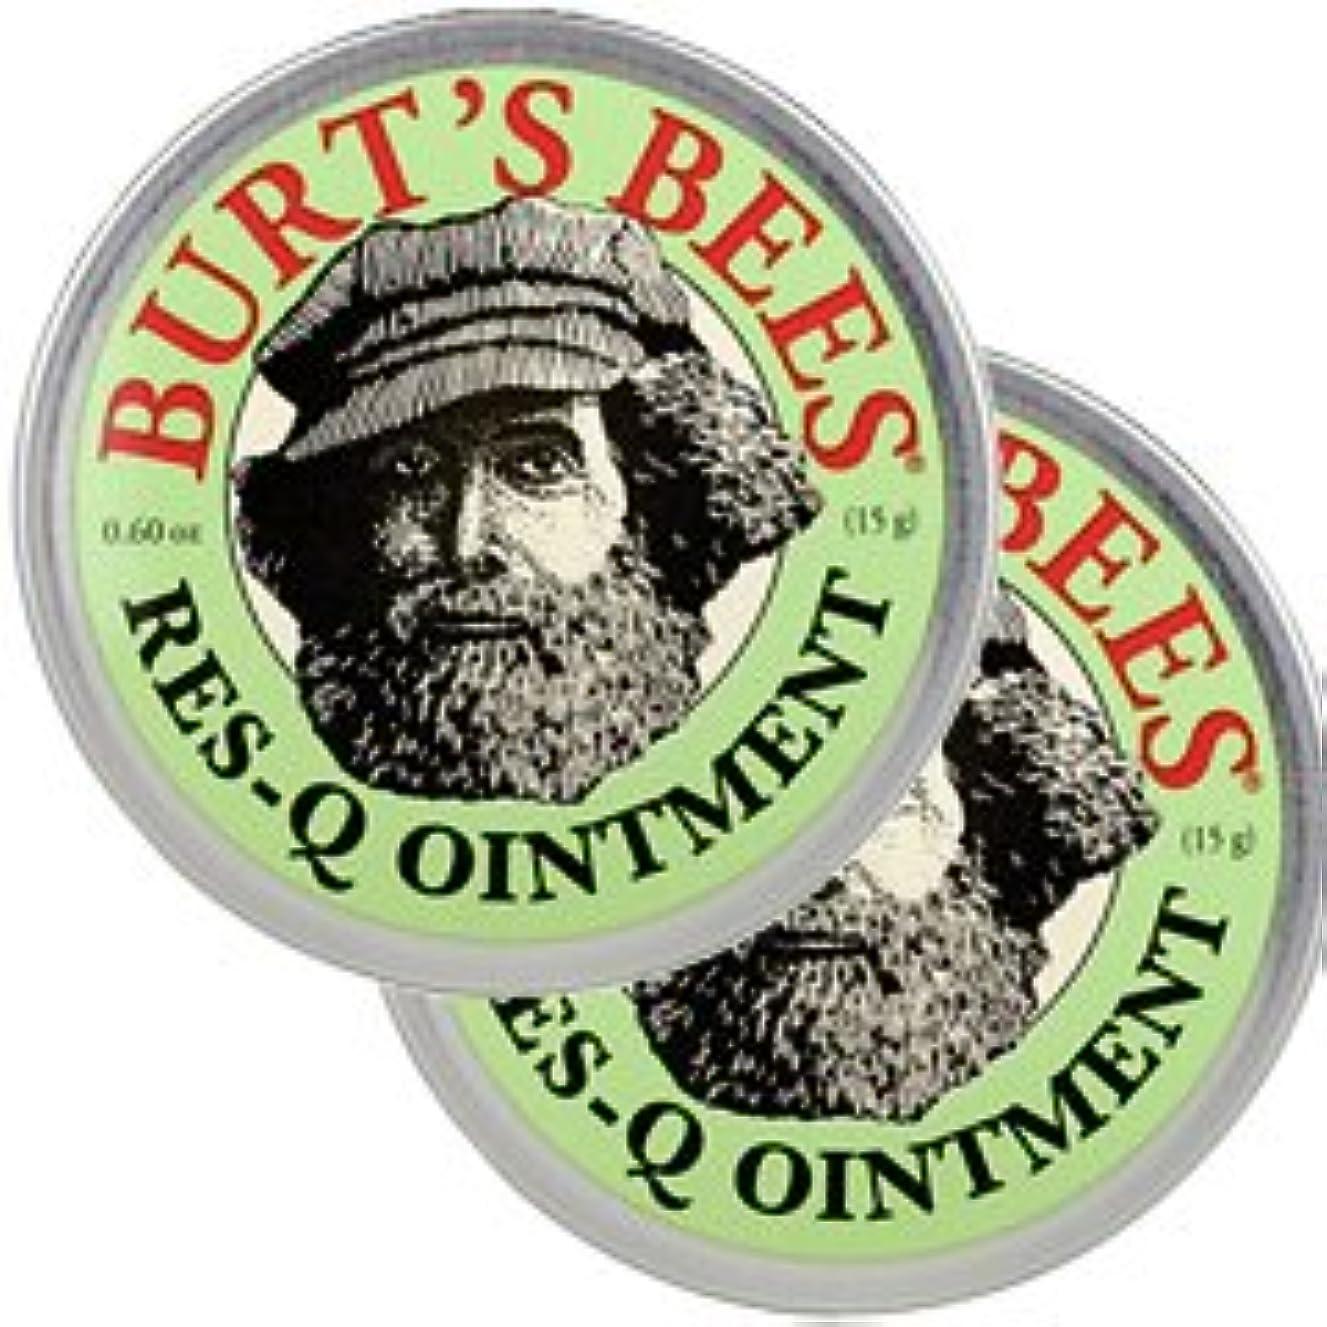 貴重な首相港バーツビーズ(Burt's Bees)レスキュー オイントメント 17g 2個セット[並行輸入品][海外直送品]